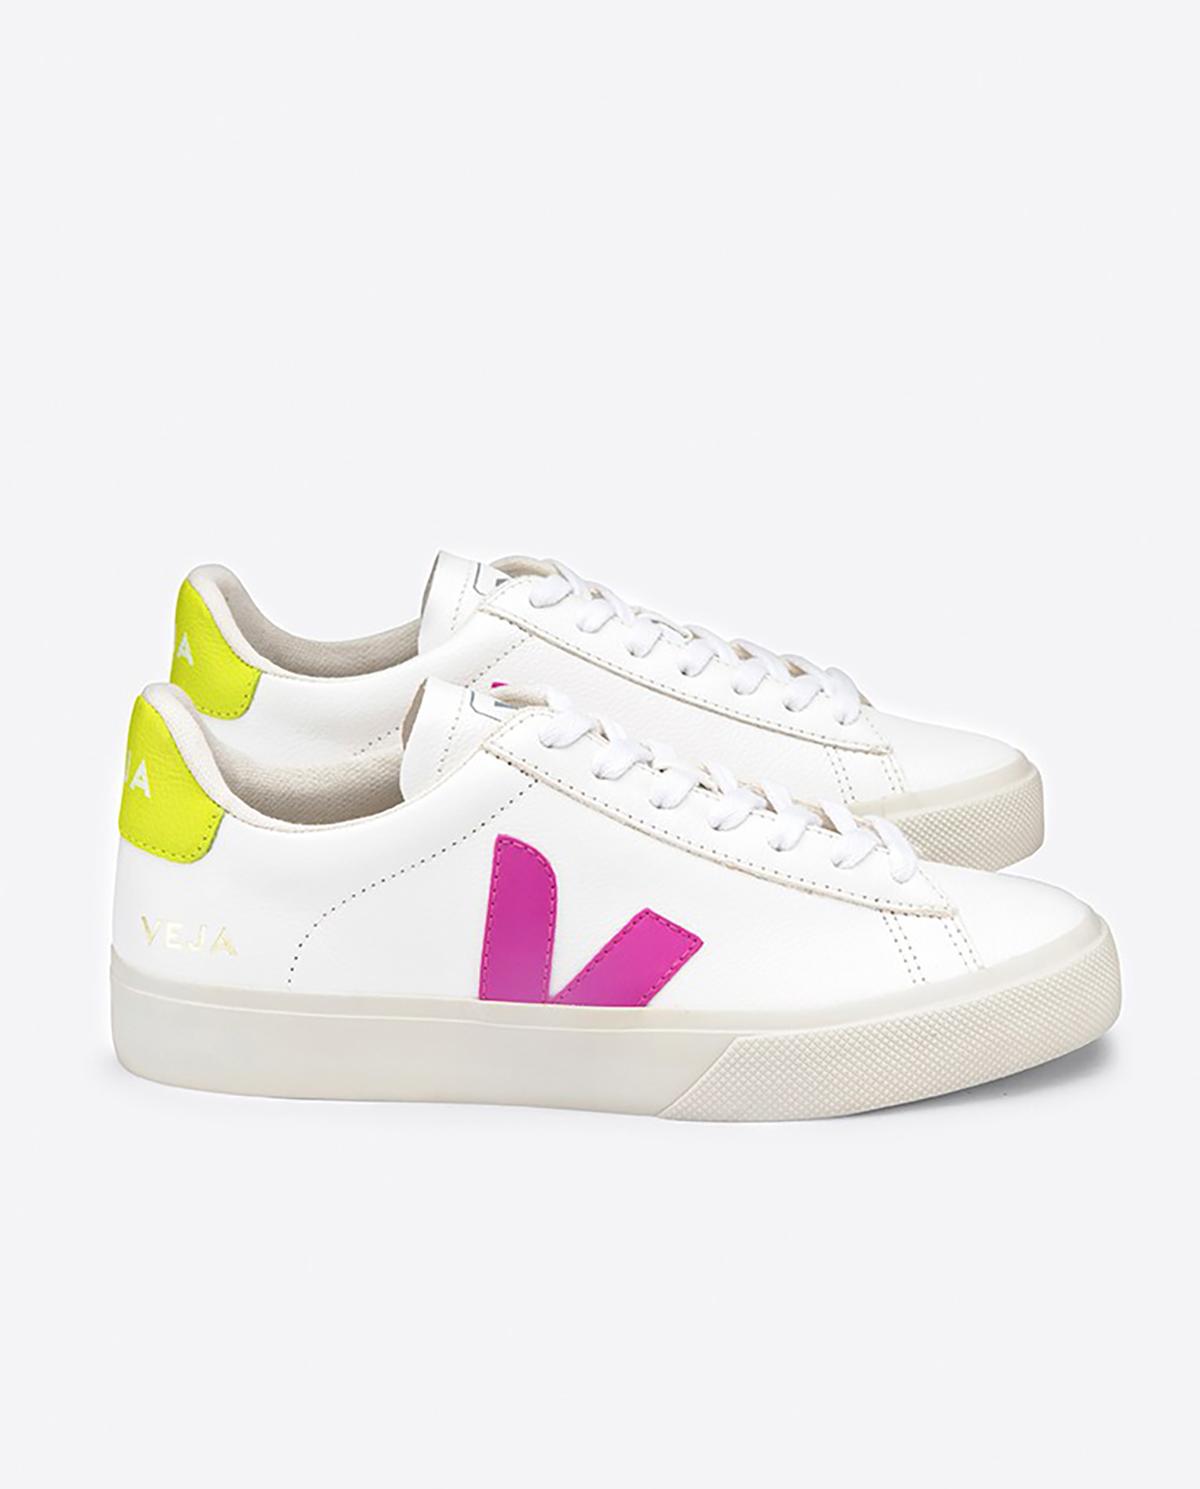 Białe sneakersy Capo Veja CPW052177 WHITE/ULTRAVIOLET